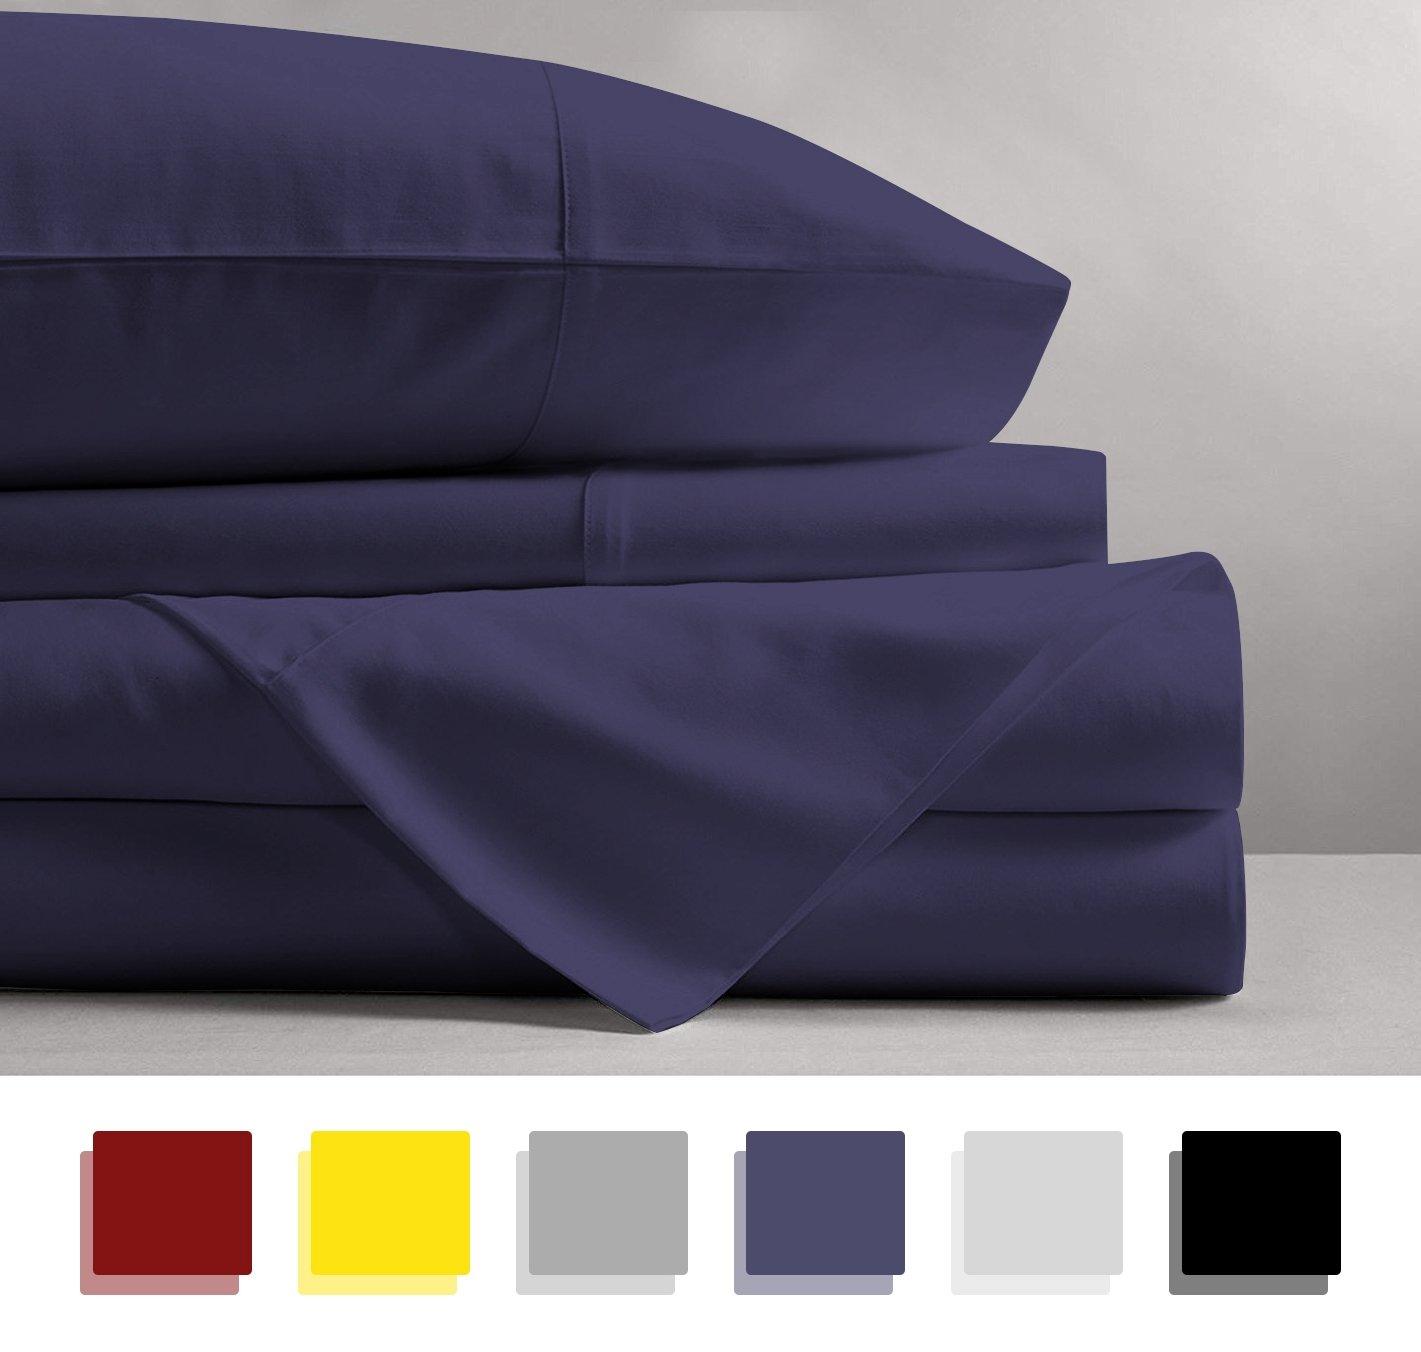 Mayfair Linen 100% EGYPTIAN COTTON Sheets, PLUM QUEEN Sheets Set, 800 THREAD COUNT Long Staple Cotton, SATEEN Weave Soft Silky Feel, Fits Mattress upto 18'' DEEP Pocket